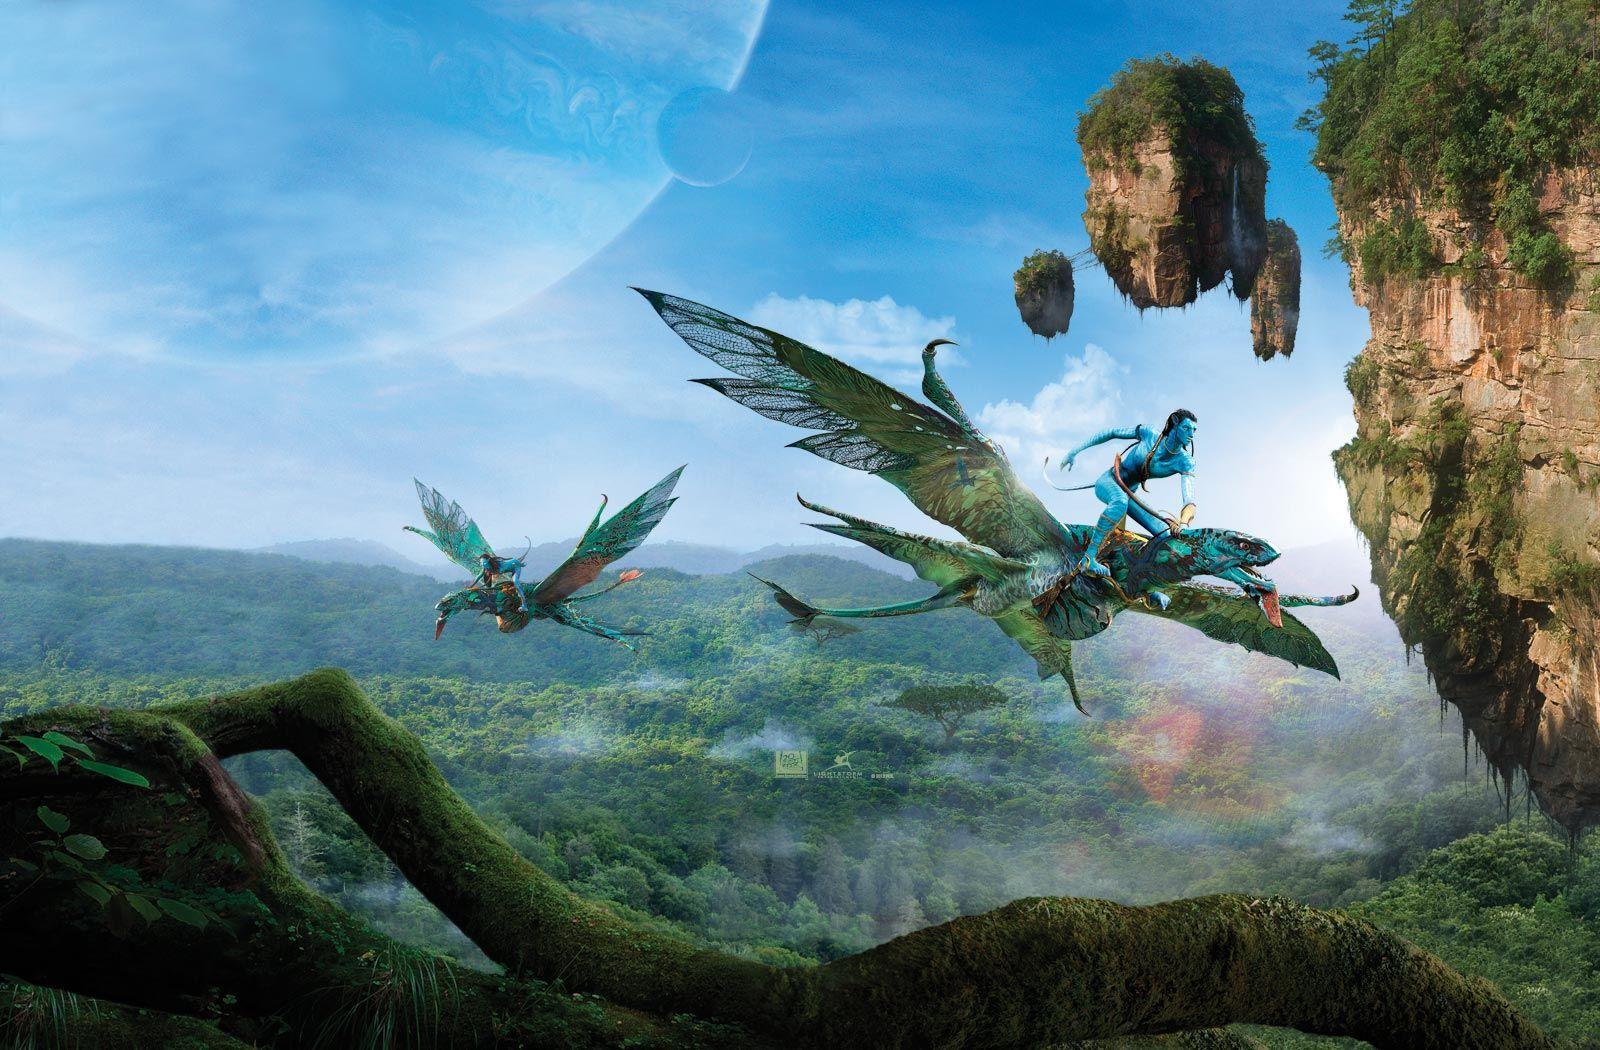 Avatar 2: Every Rumor & Spoiler Leaked So Far